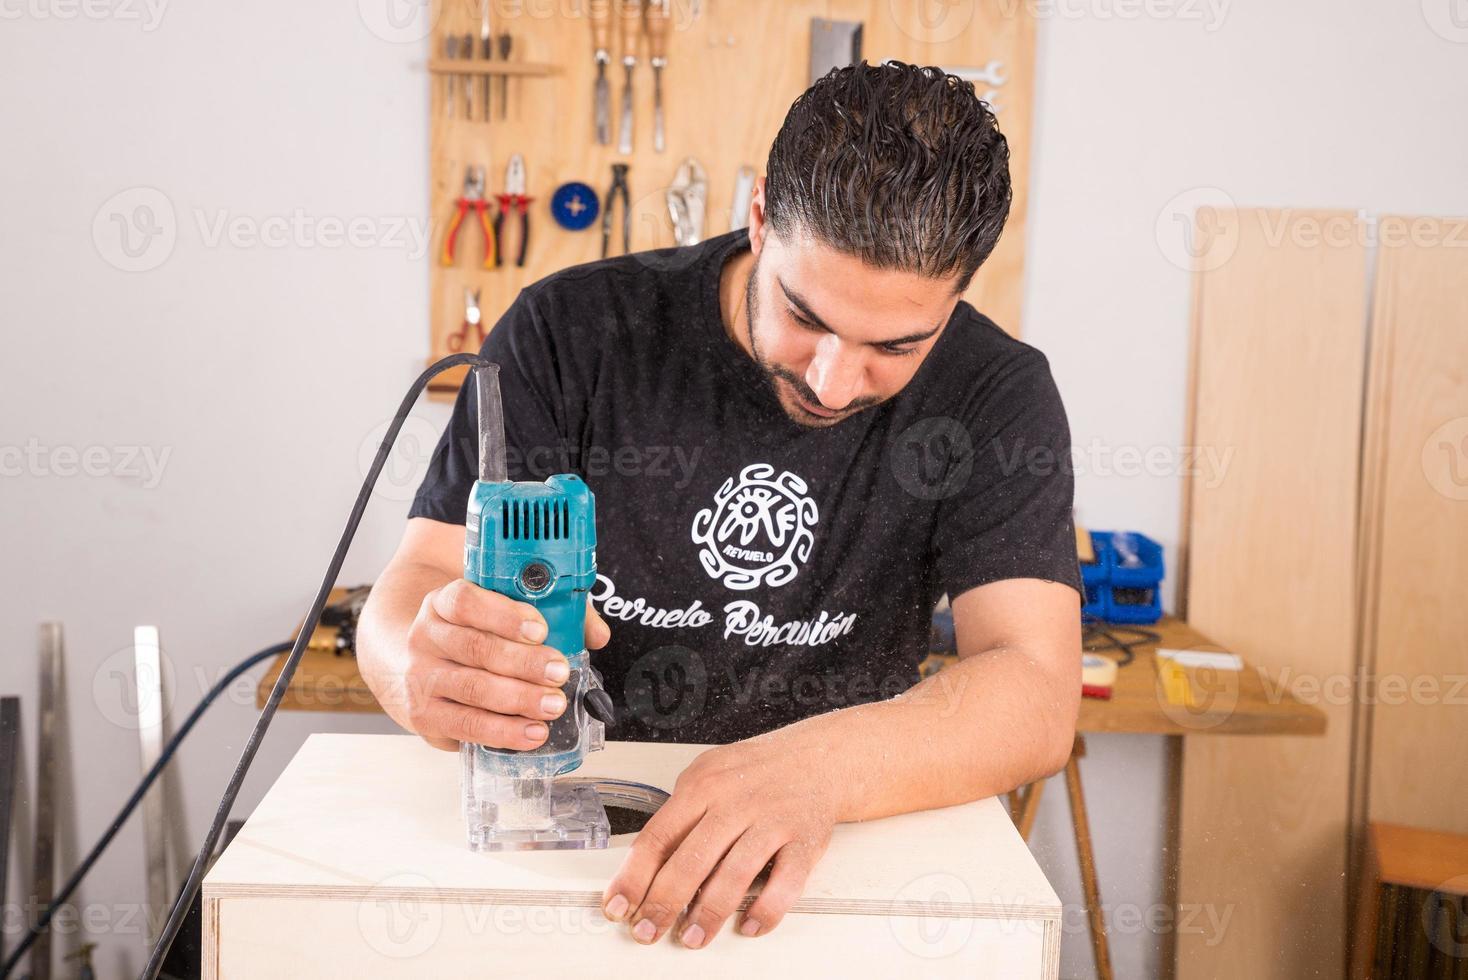 Handwerker mit einer Fräsmaschine foto